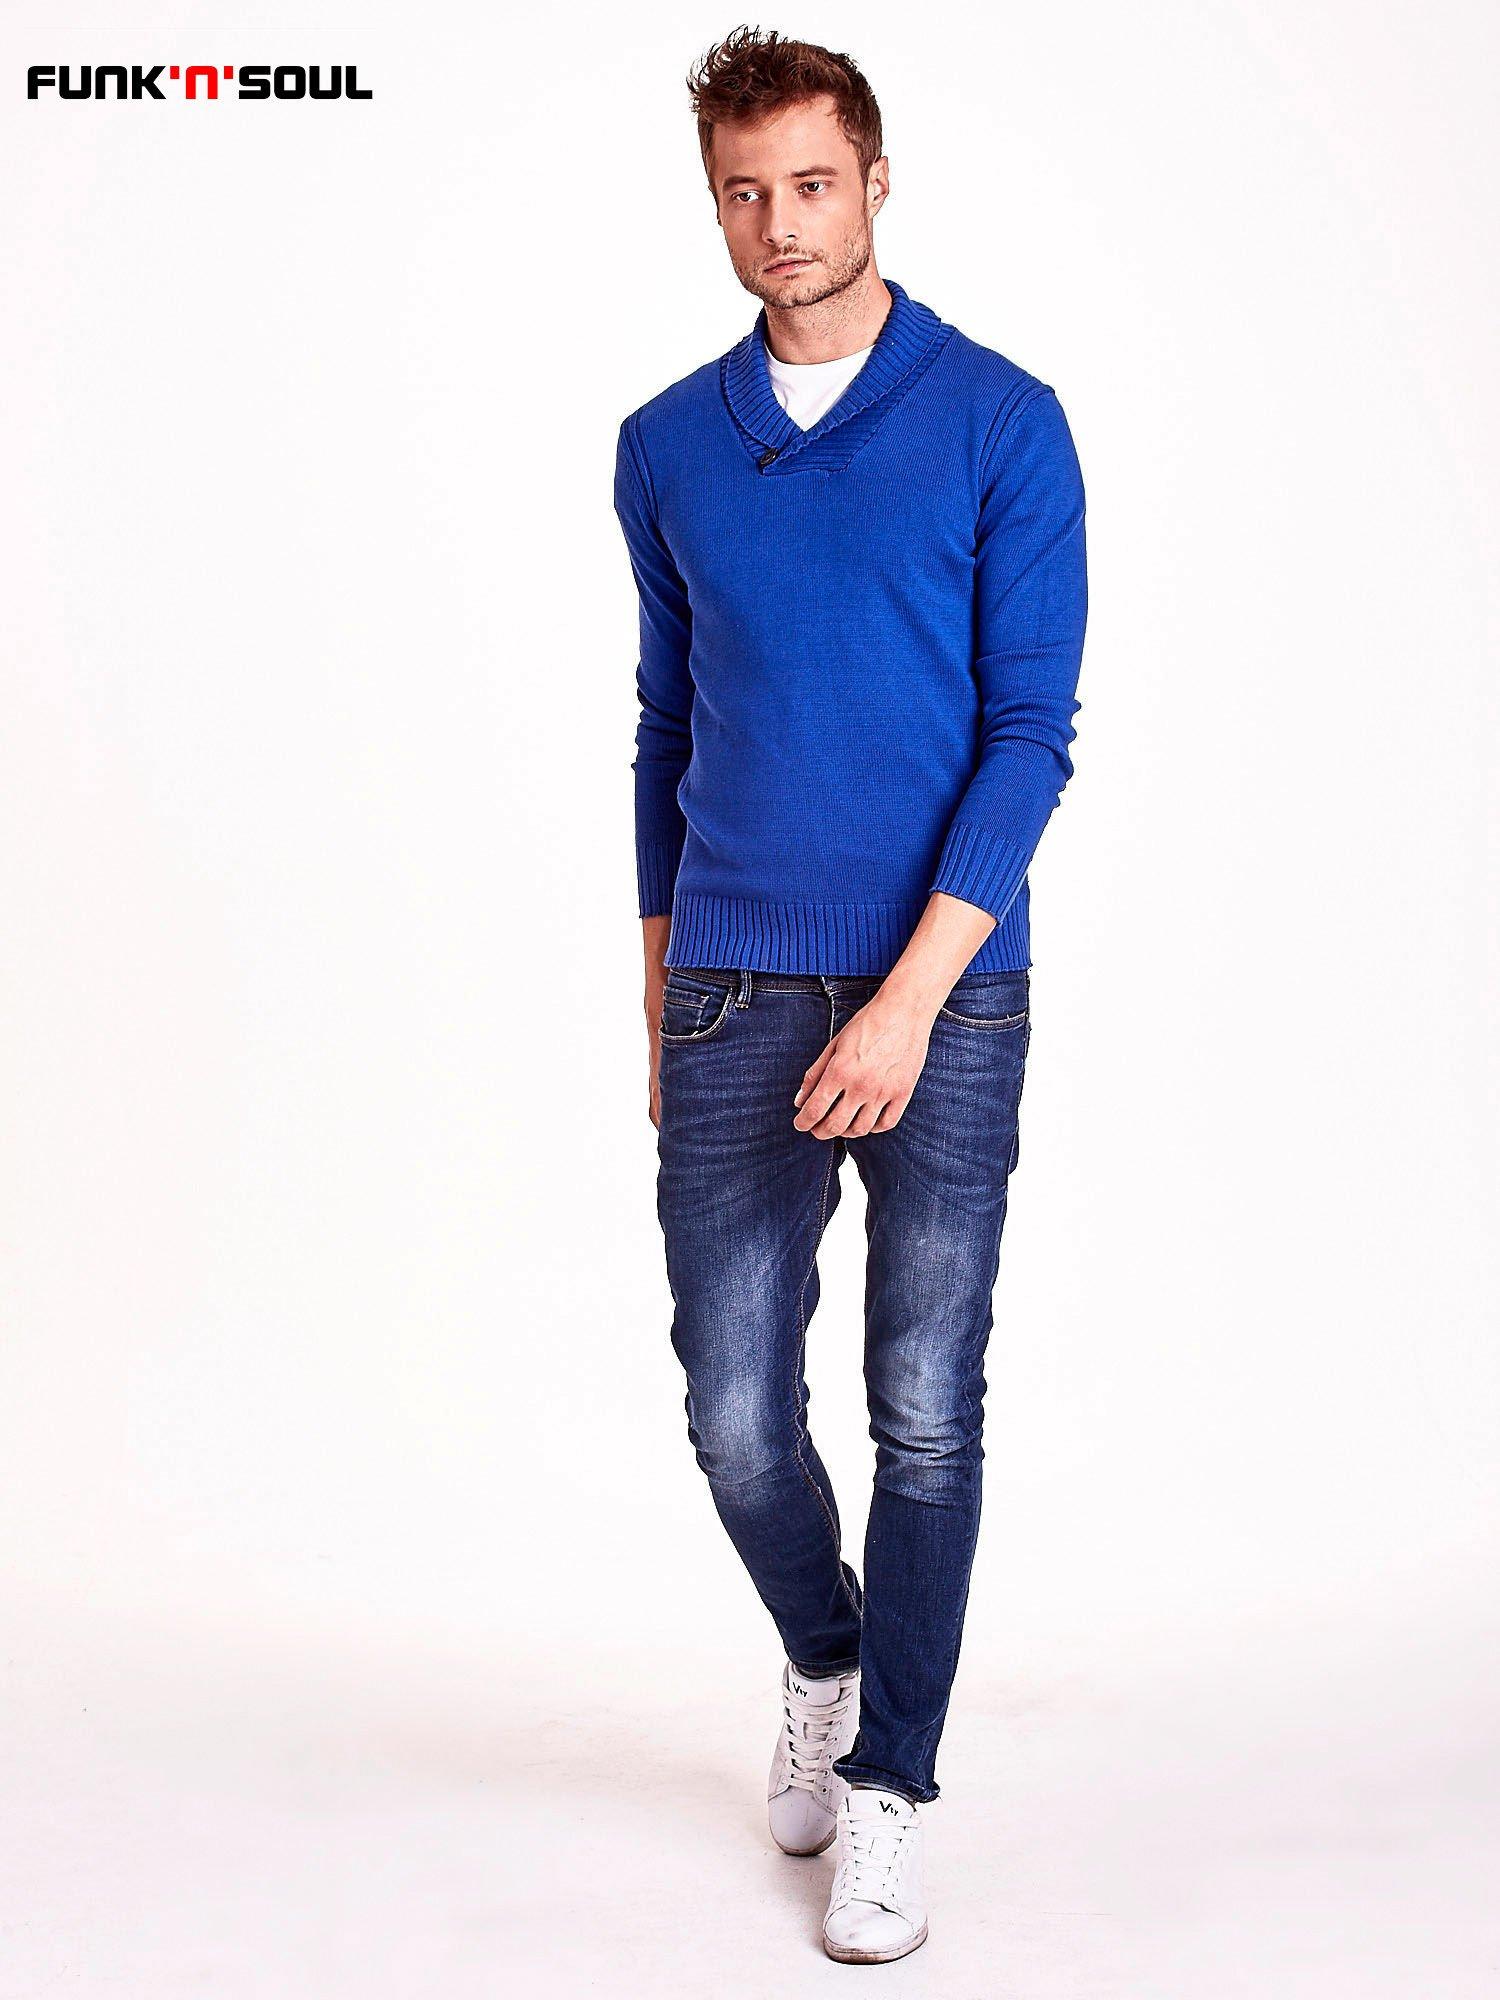 Niebieski sweter męski z kołnierzykiem FUNK N SOUL                                  zdj.                                  3